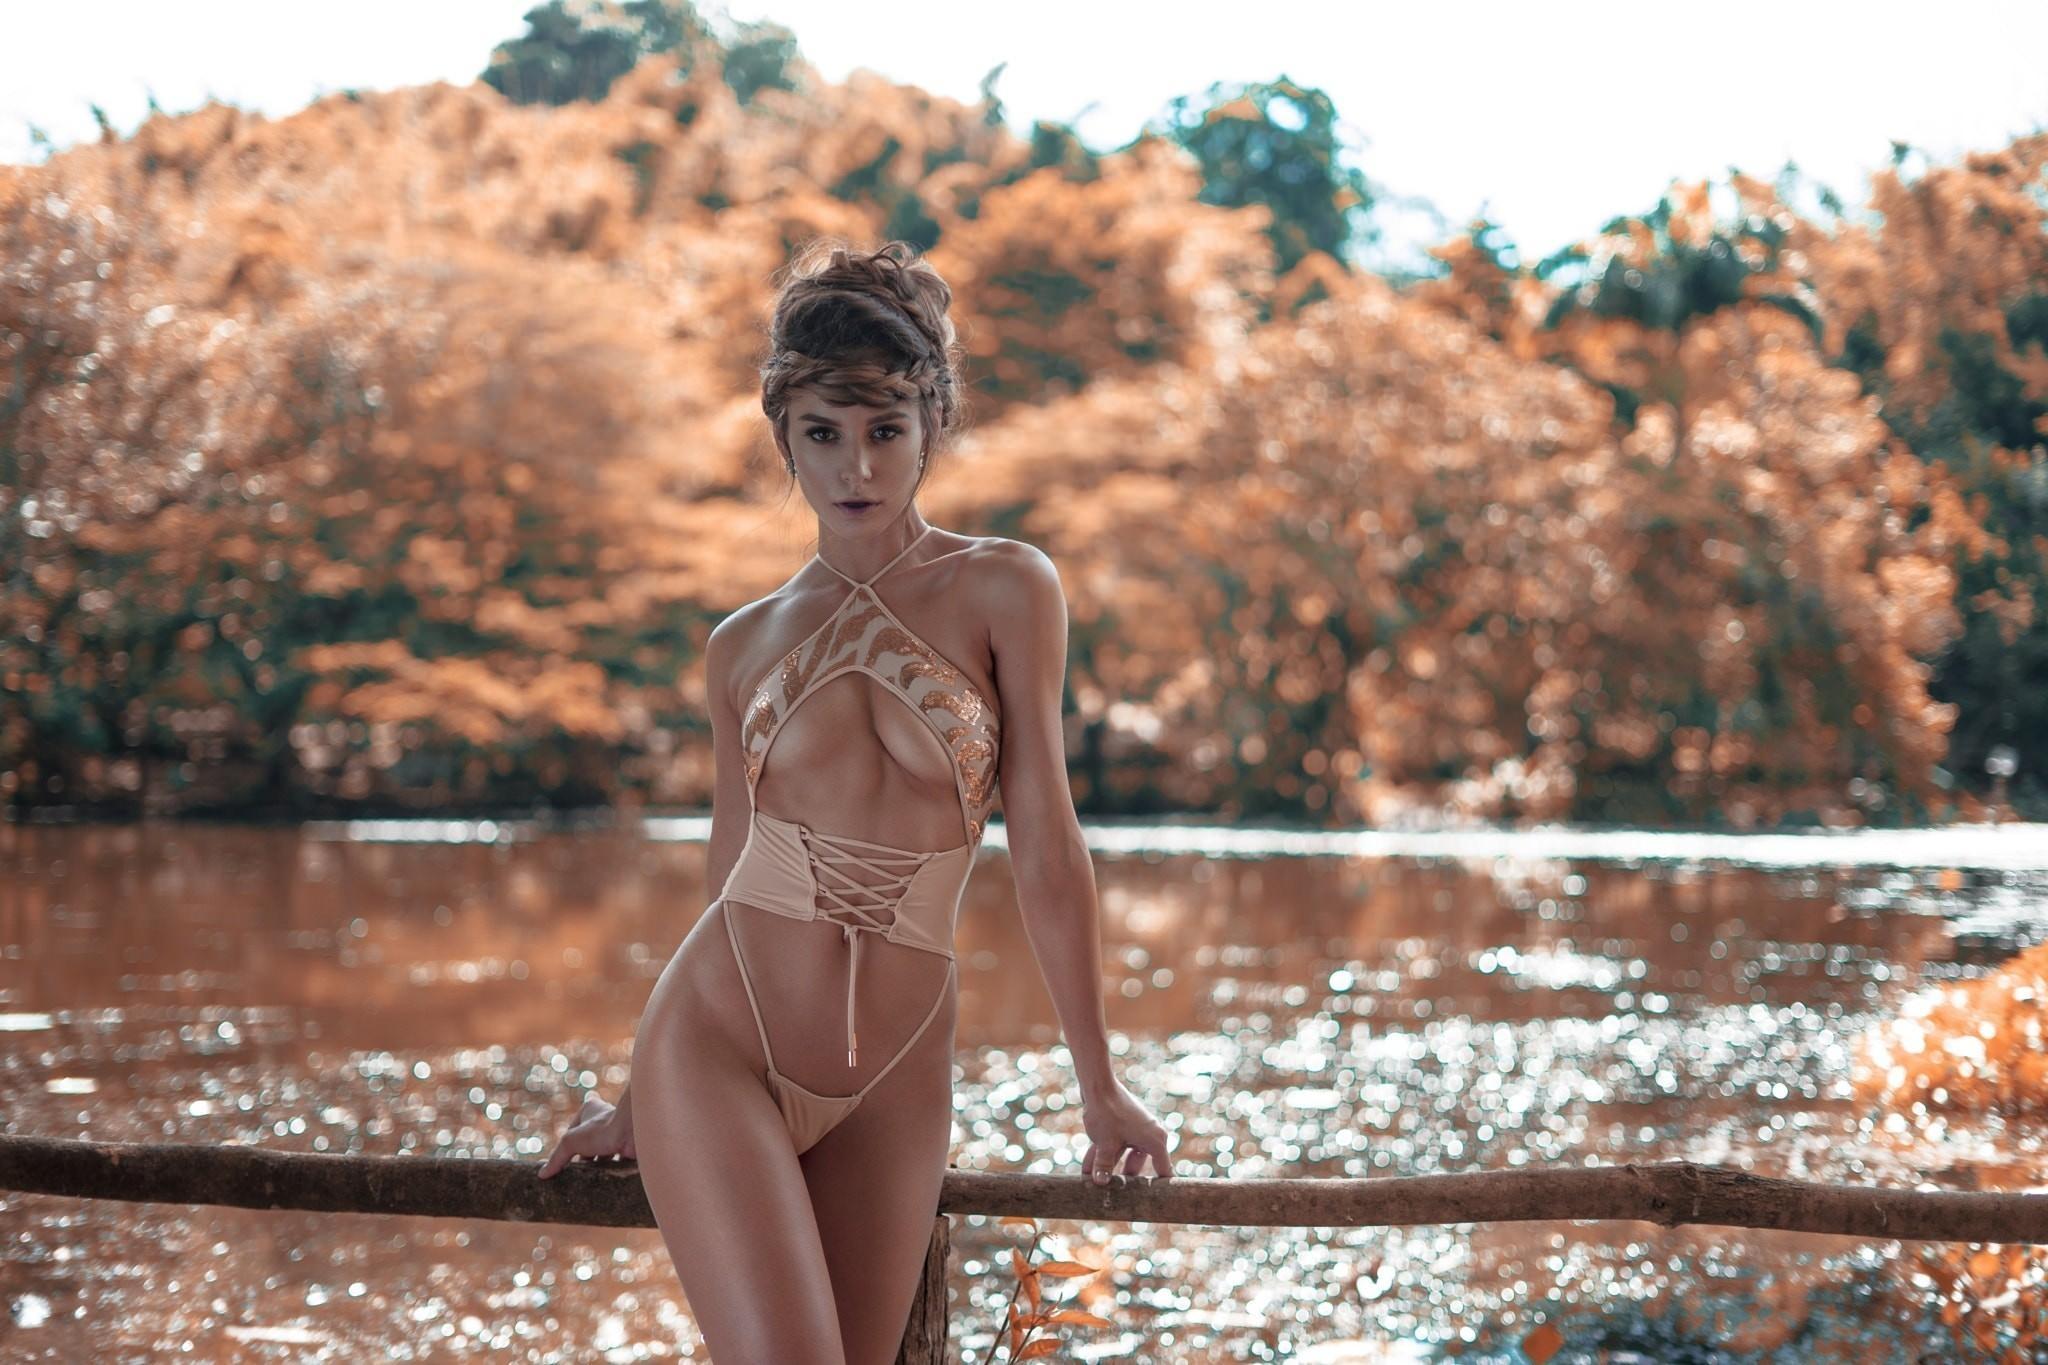 Фото Соблазнительная девушка в эротическом боде, полуобнаженная грудь, грация, озеро, скачать картинку бесплатно